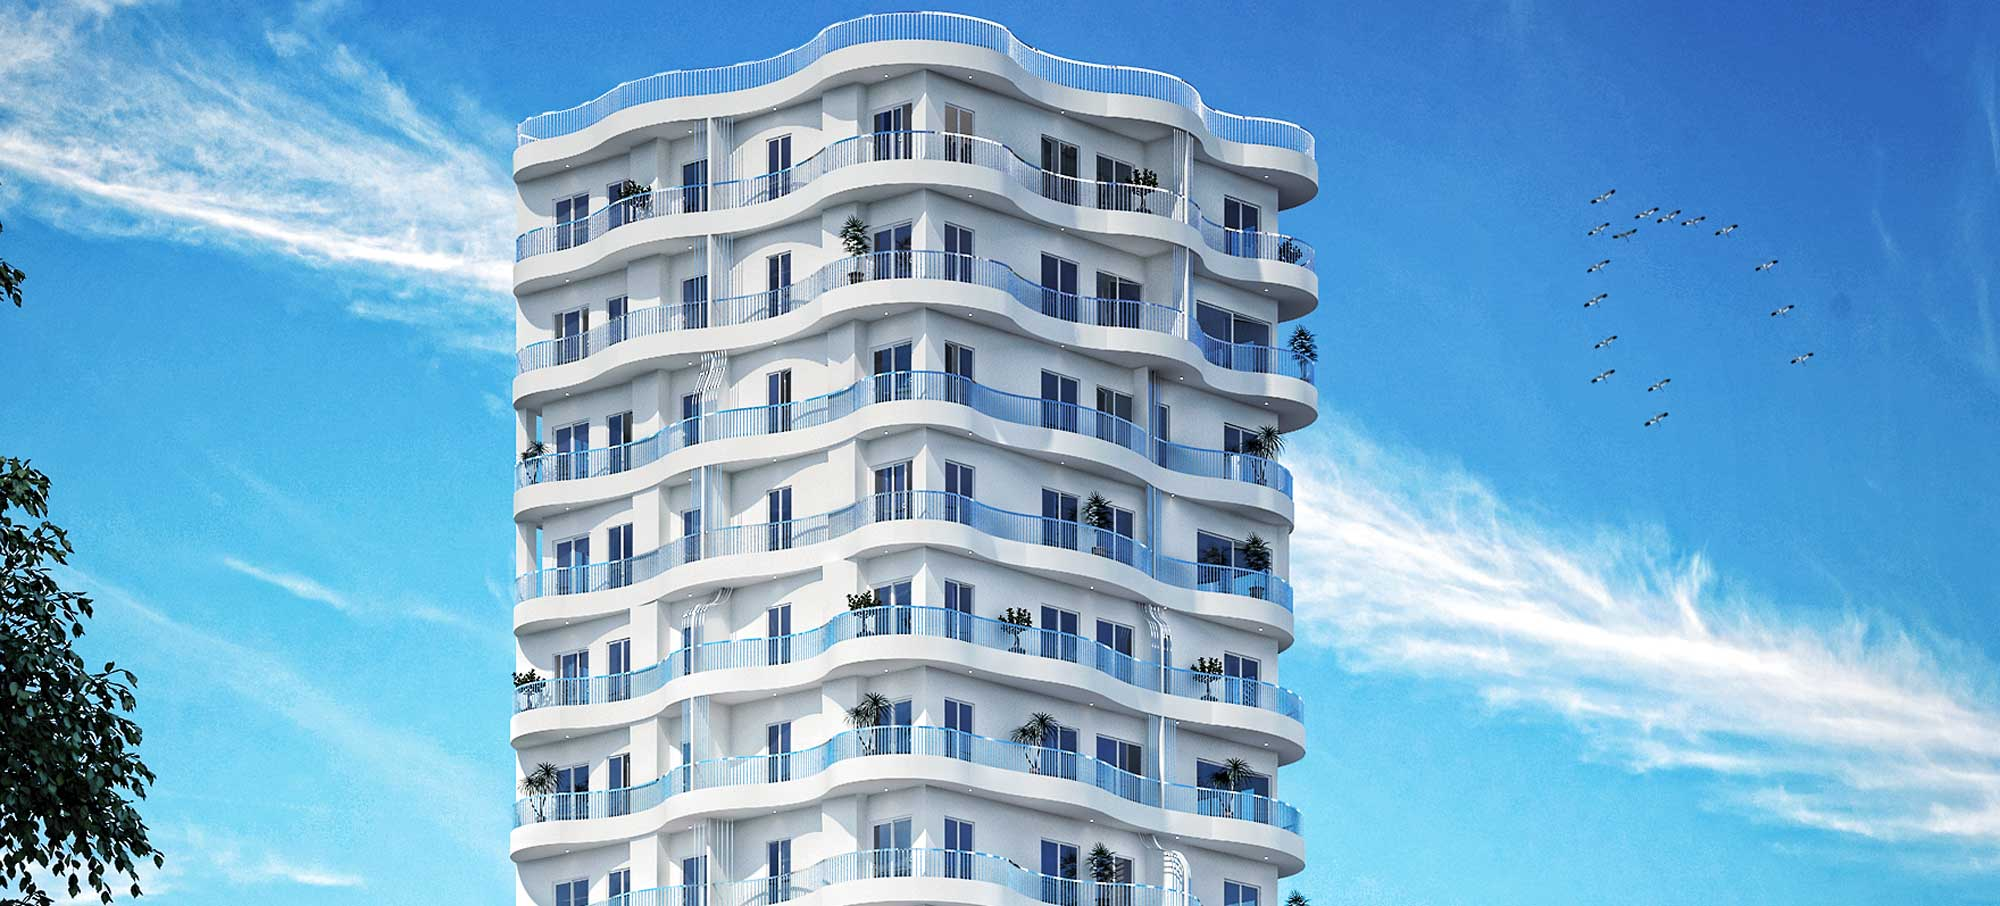 آپارتمان ساحلی (برج) موج – بابلسر – 20 طبقه رویایی